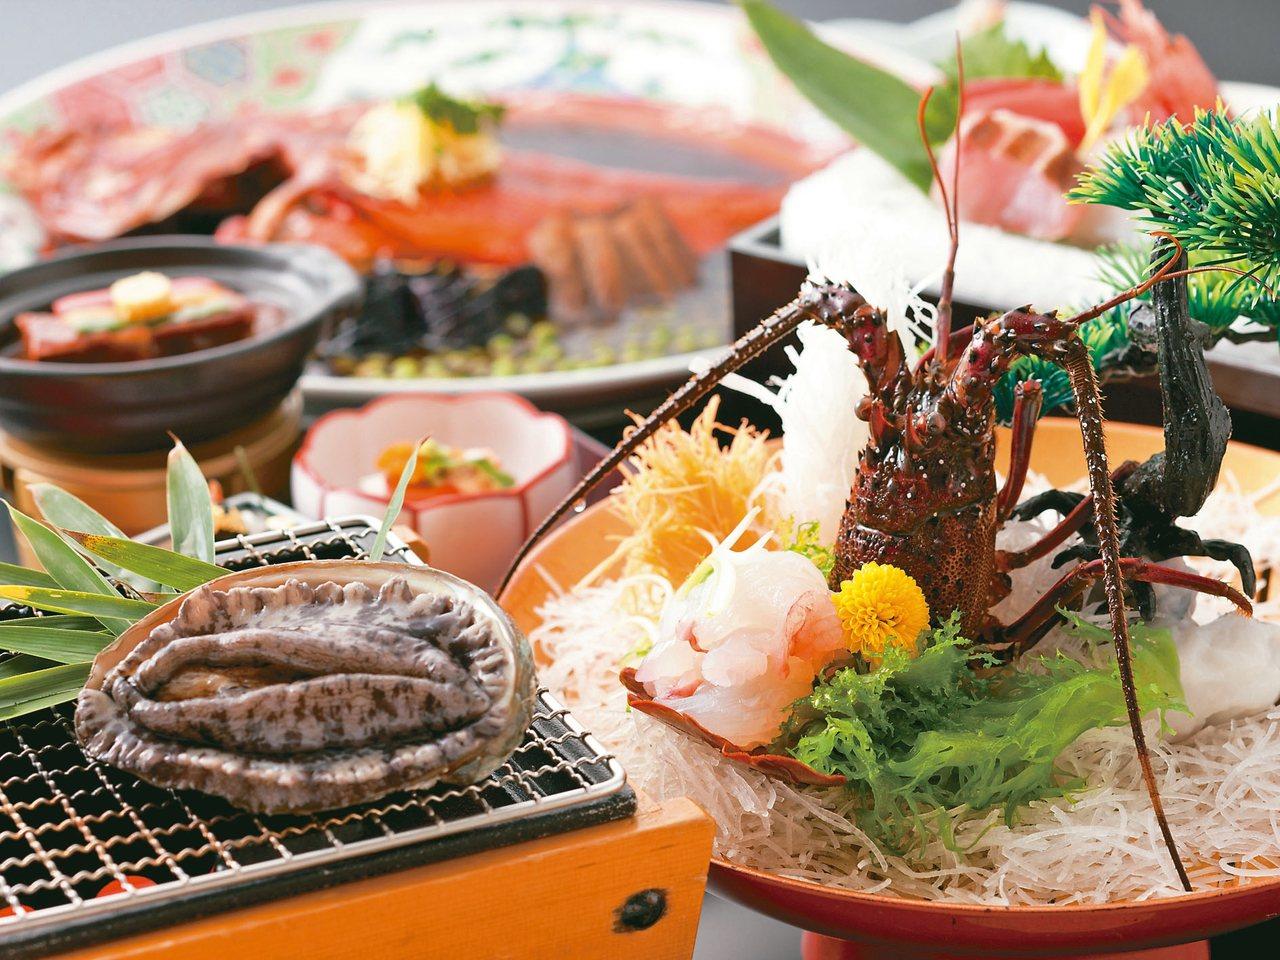 伊勢龍蝦及鮑魚是伊豆半島必嘗美饌。 圖/有行旅提供